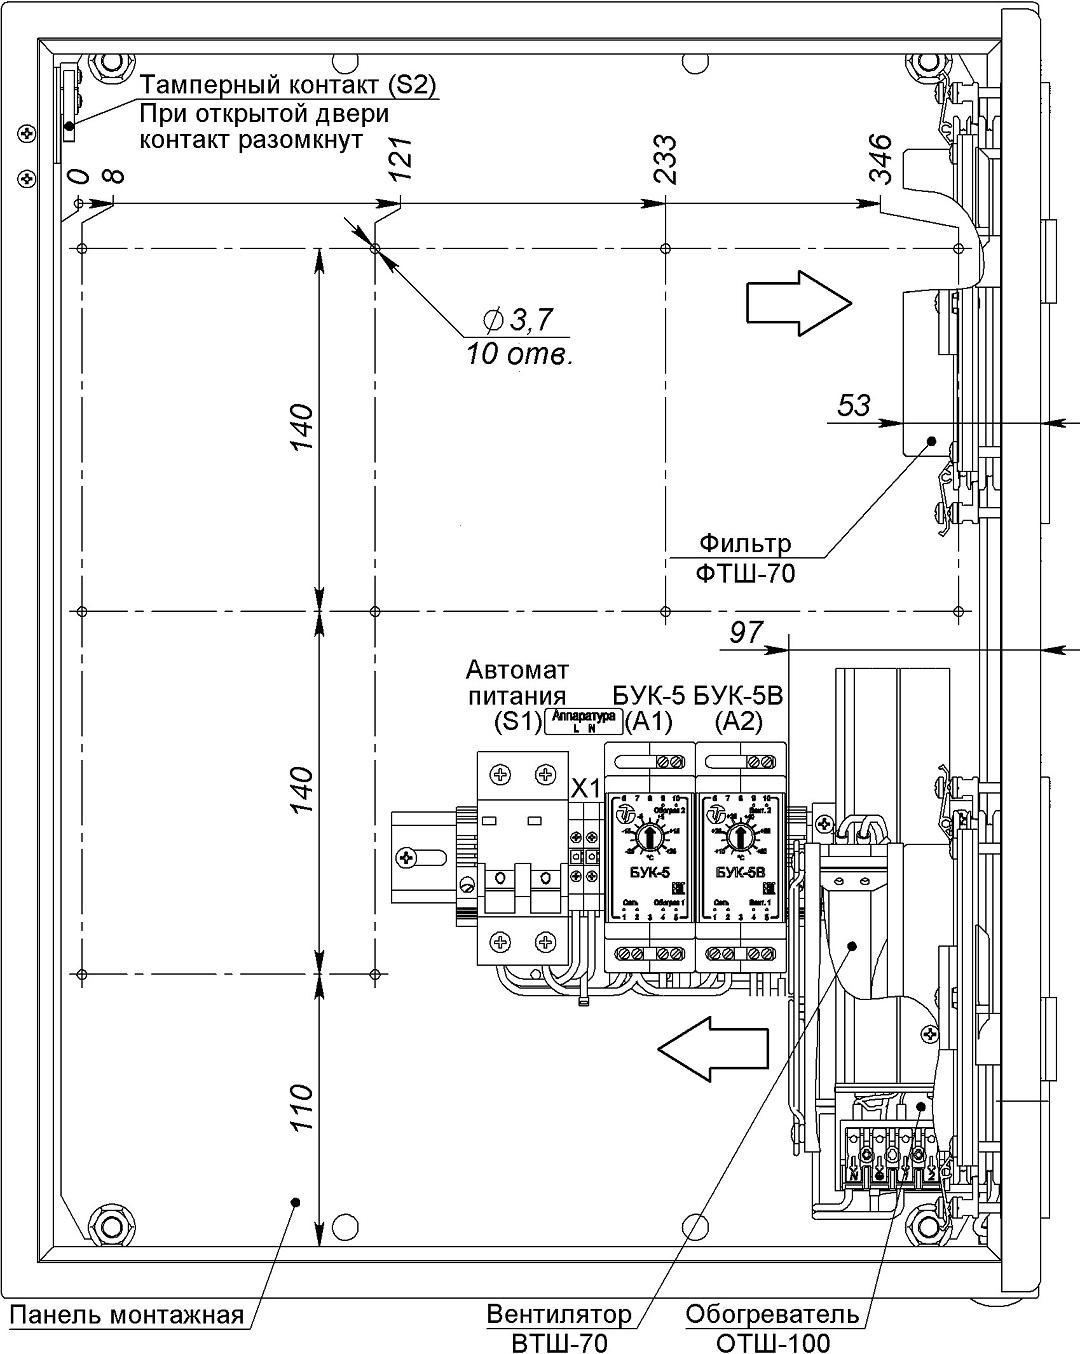 Устройство термошкафа ТШ-13В (дверь открыта на 90°)